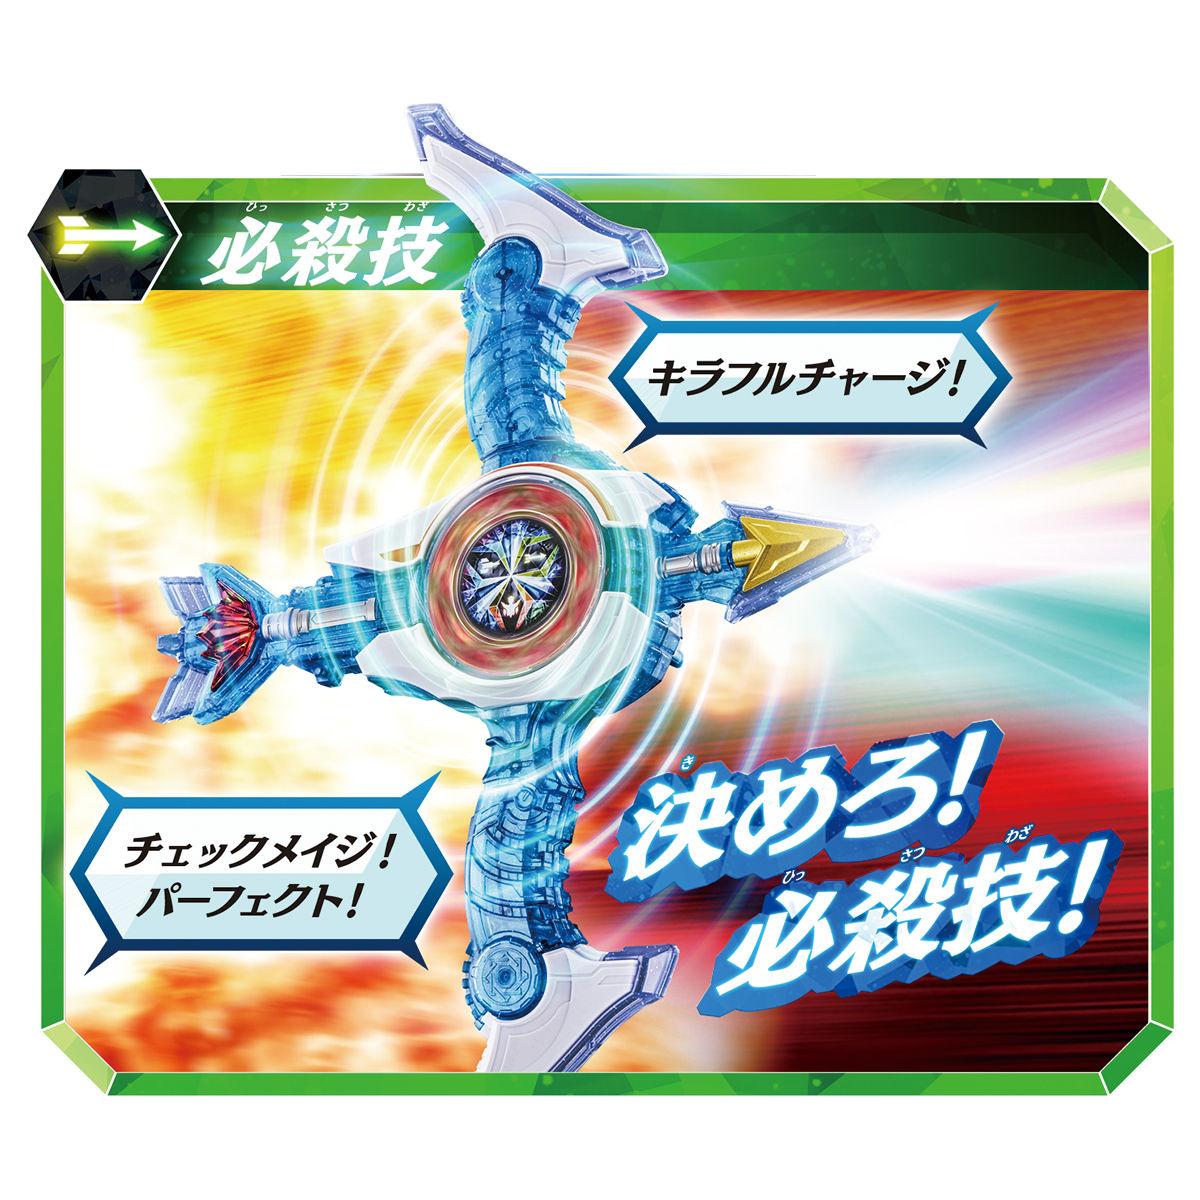 魔進戦隊キラメイジャー『最煌弓 DXキラフルゴーアロー』ゴーキラメイジャー 変身なりきり-004